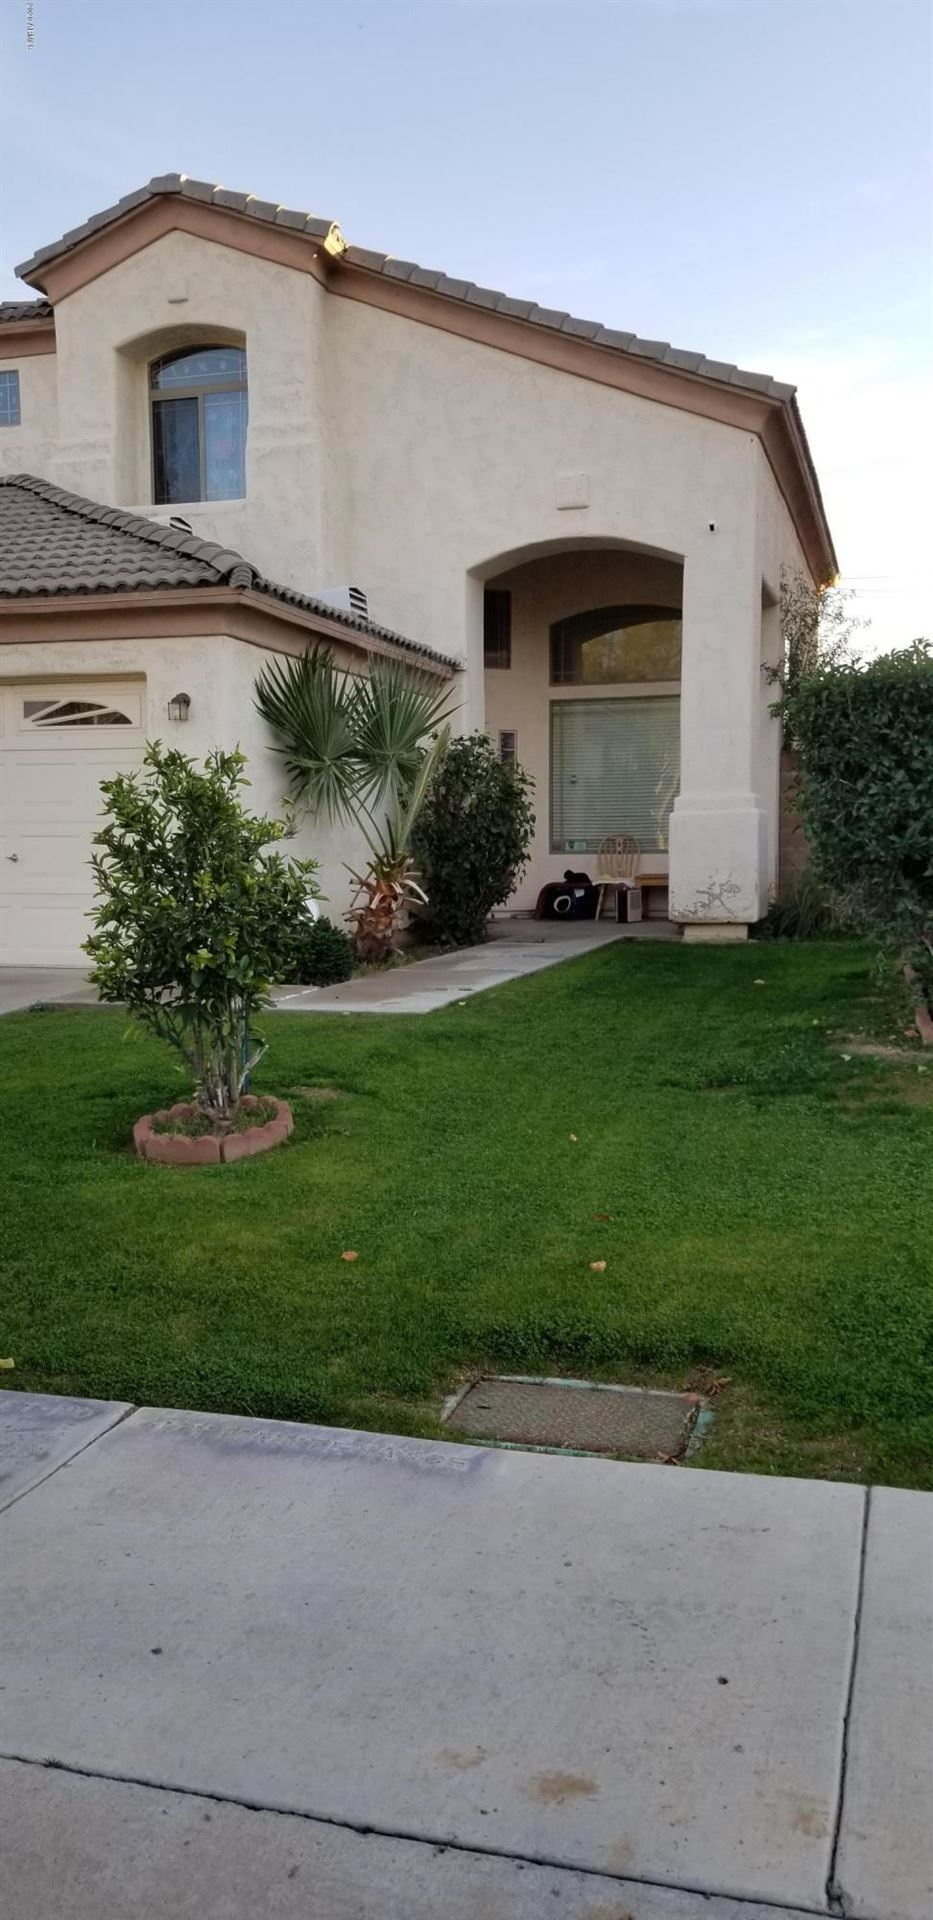 2715 W LAMAR Road W, Phoenix, AZ 85017 - MLS#: 6028717